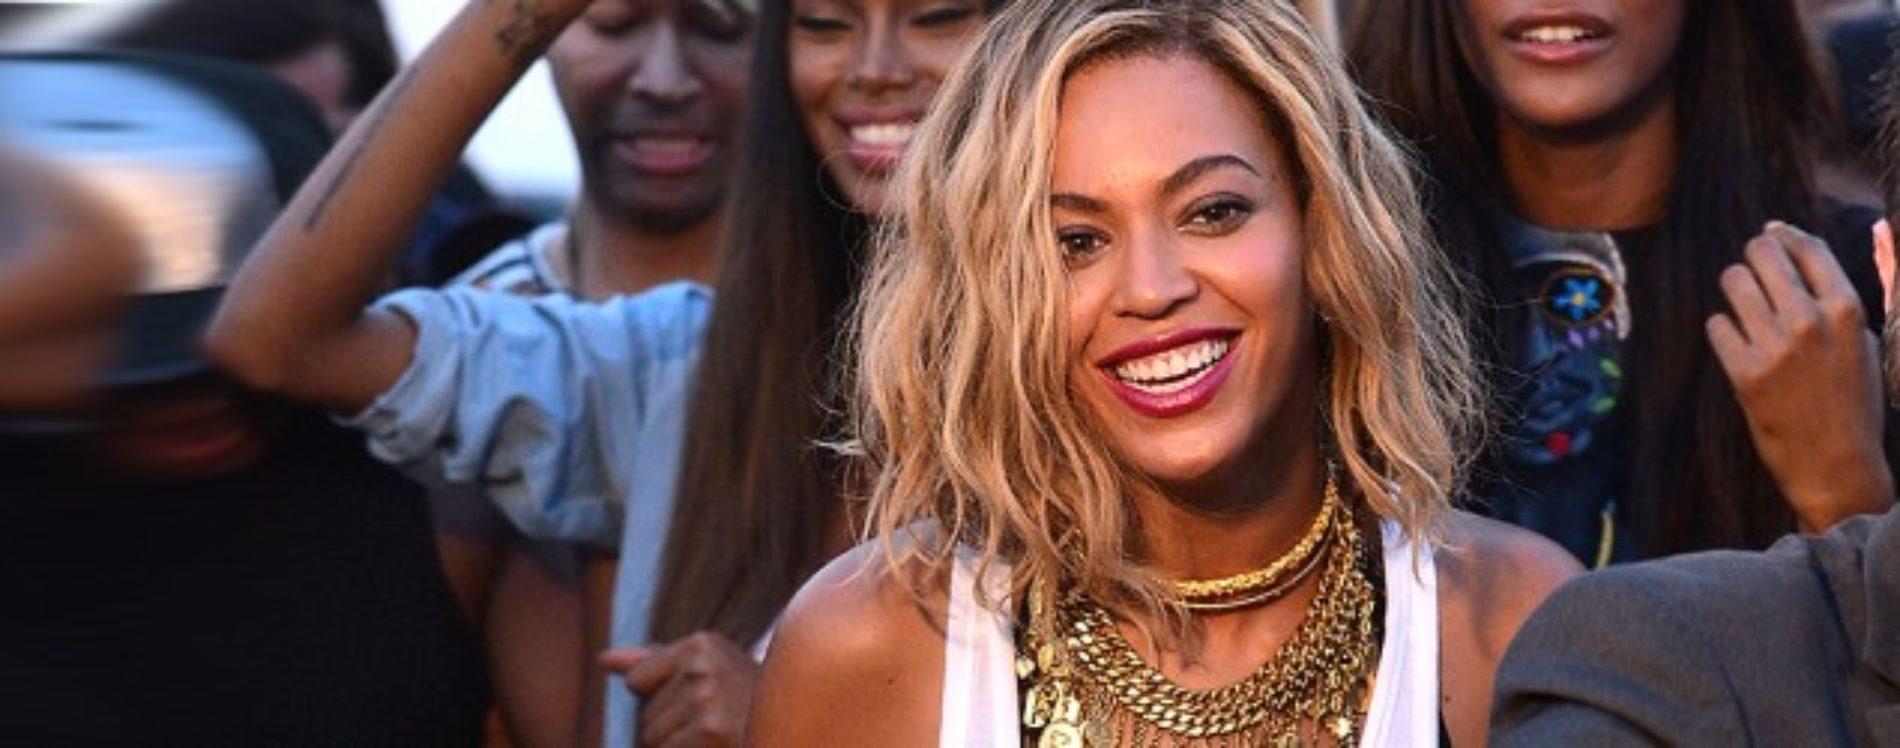 Marvel Wants Beyoncé For Comic Book Movie Role?